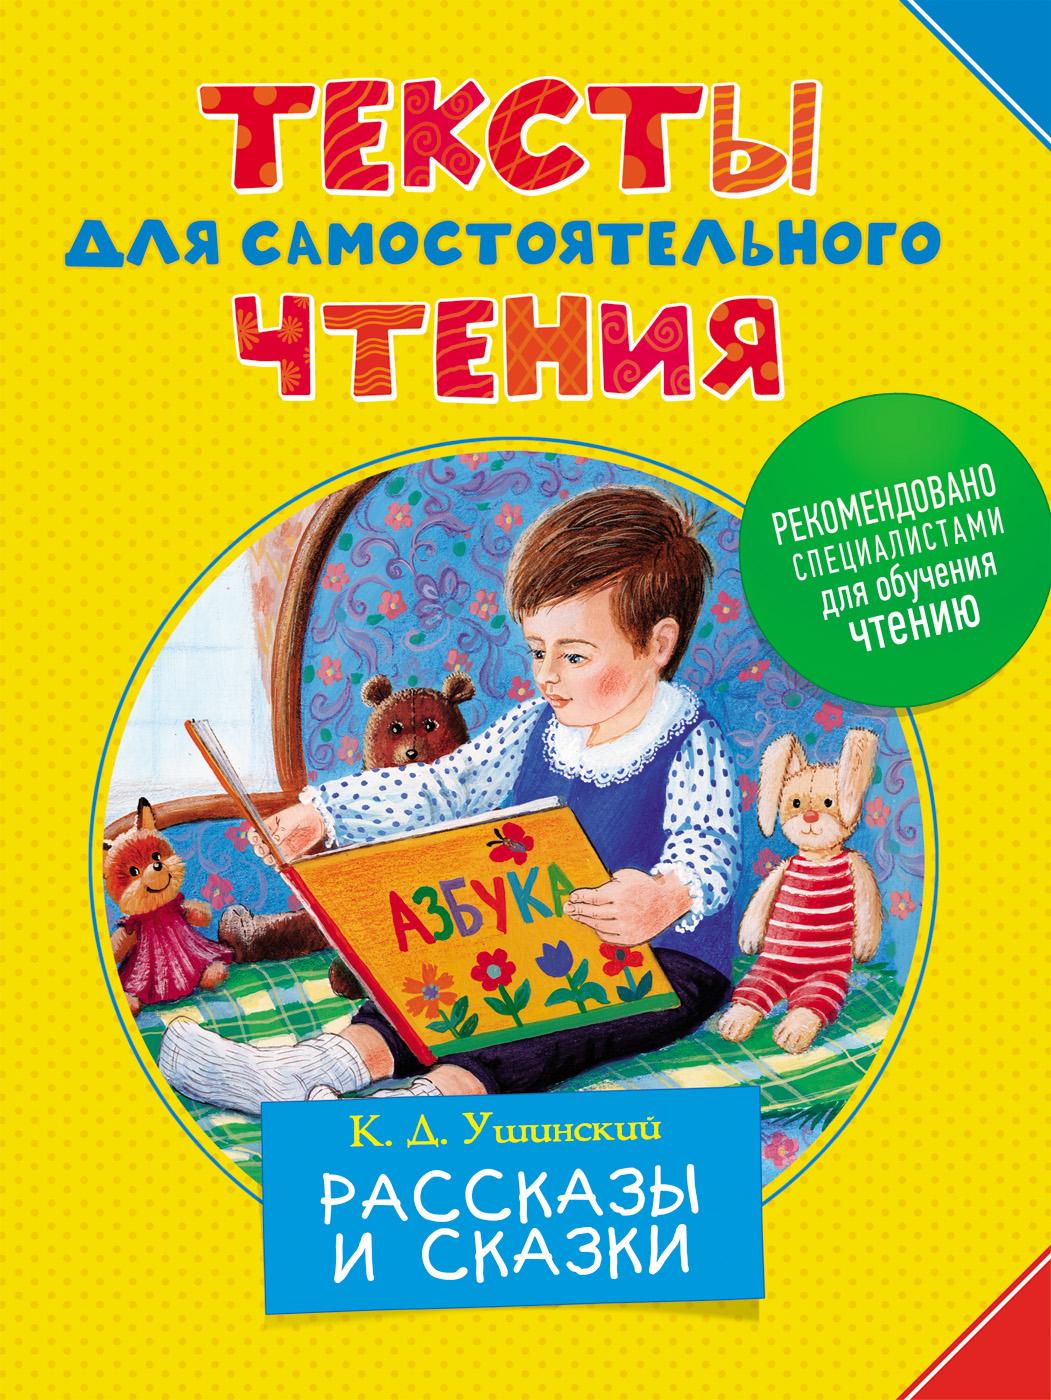 Книга - Тексты для самостоятельного чтения, Ушинский К.Д.Обучающие книги<br>Книга - Тексты для самостоятельного чтения, Ушинский К.Д.<br>